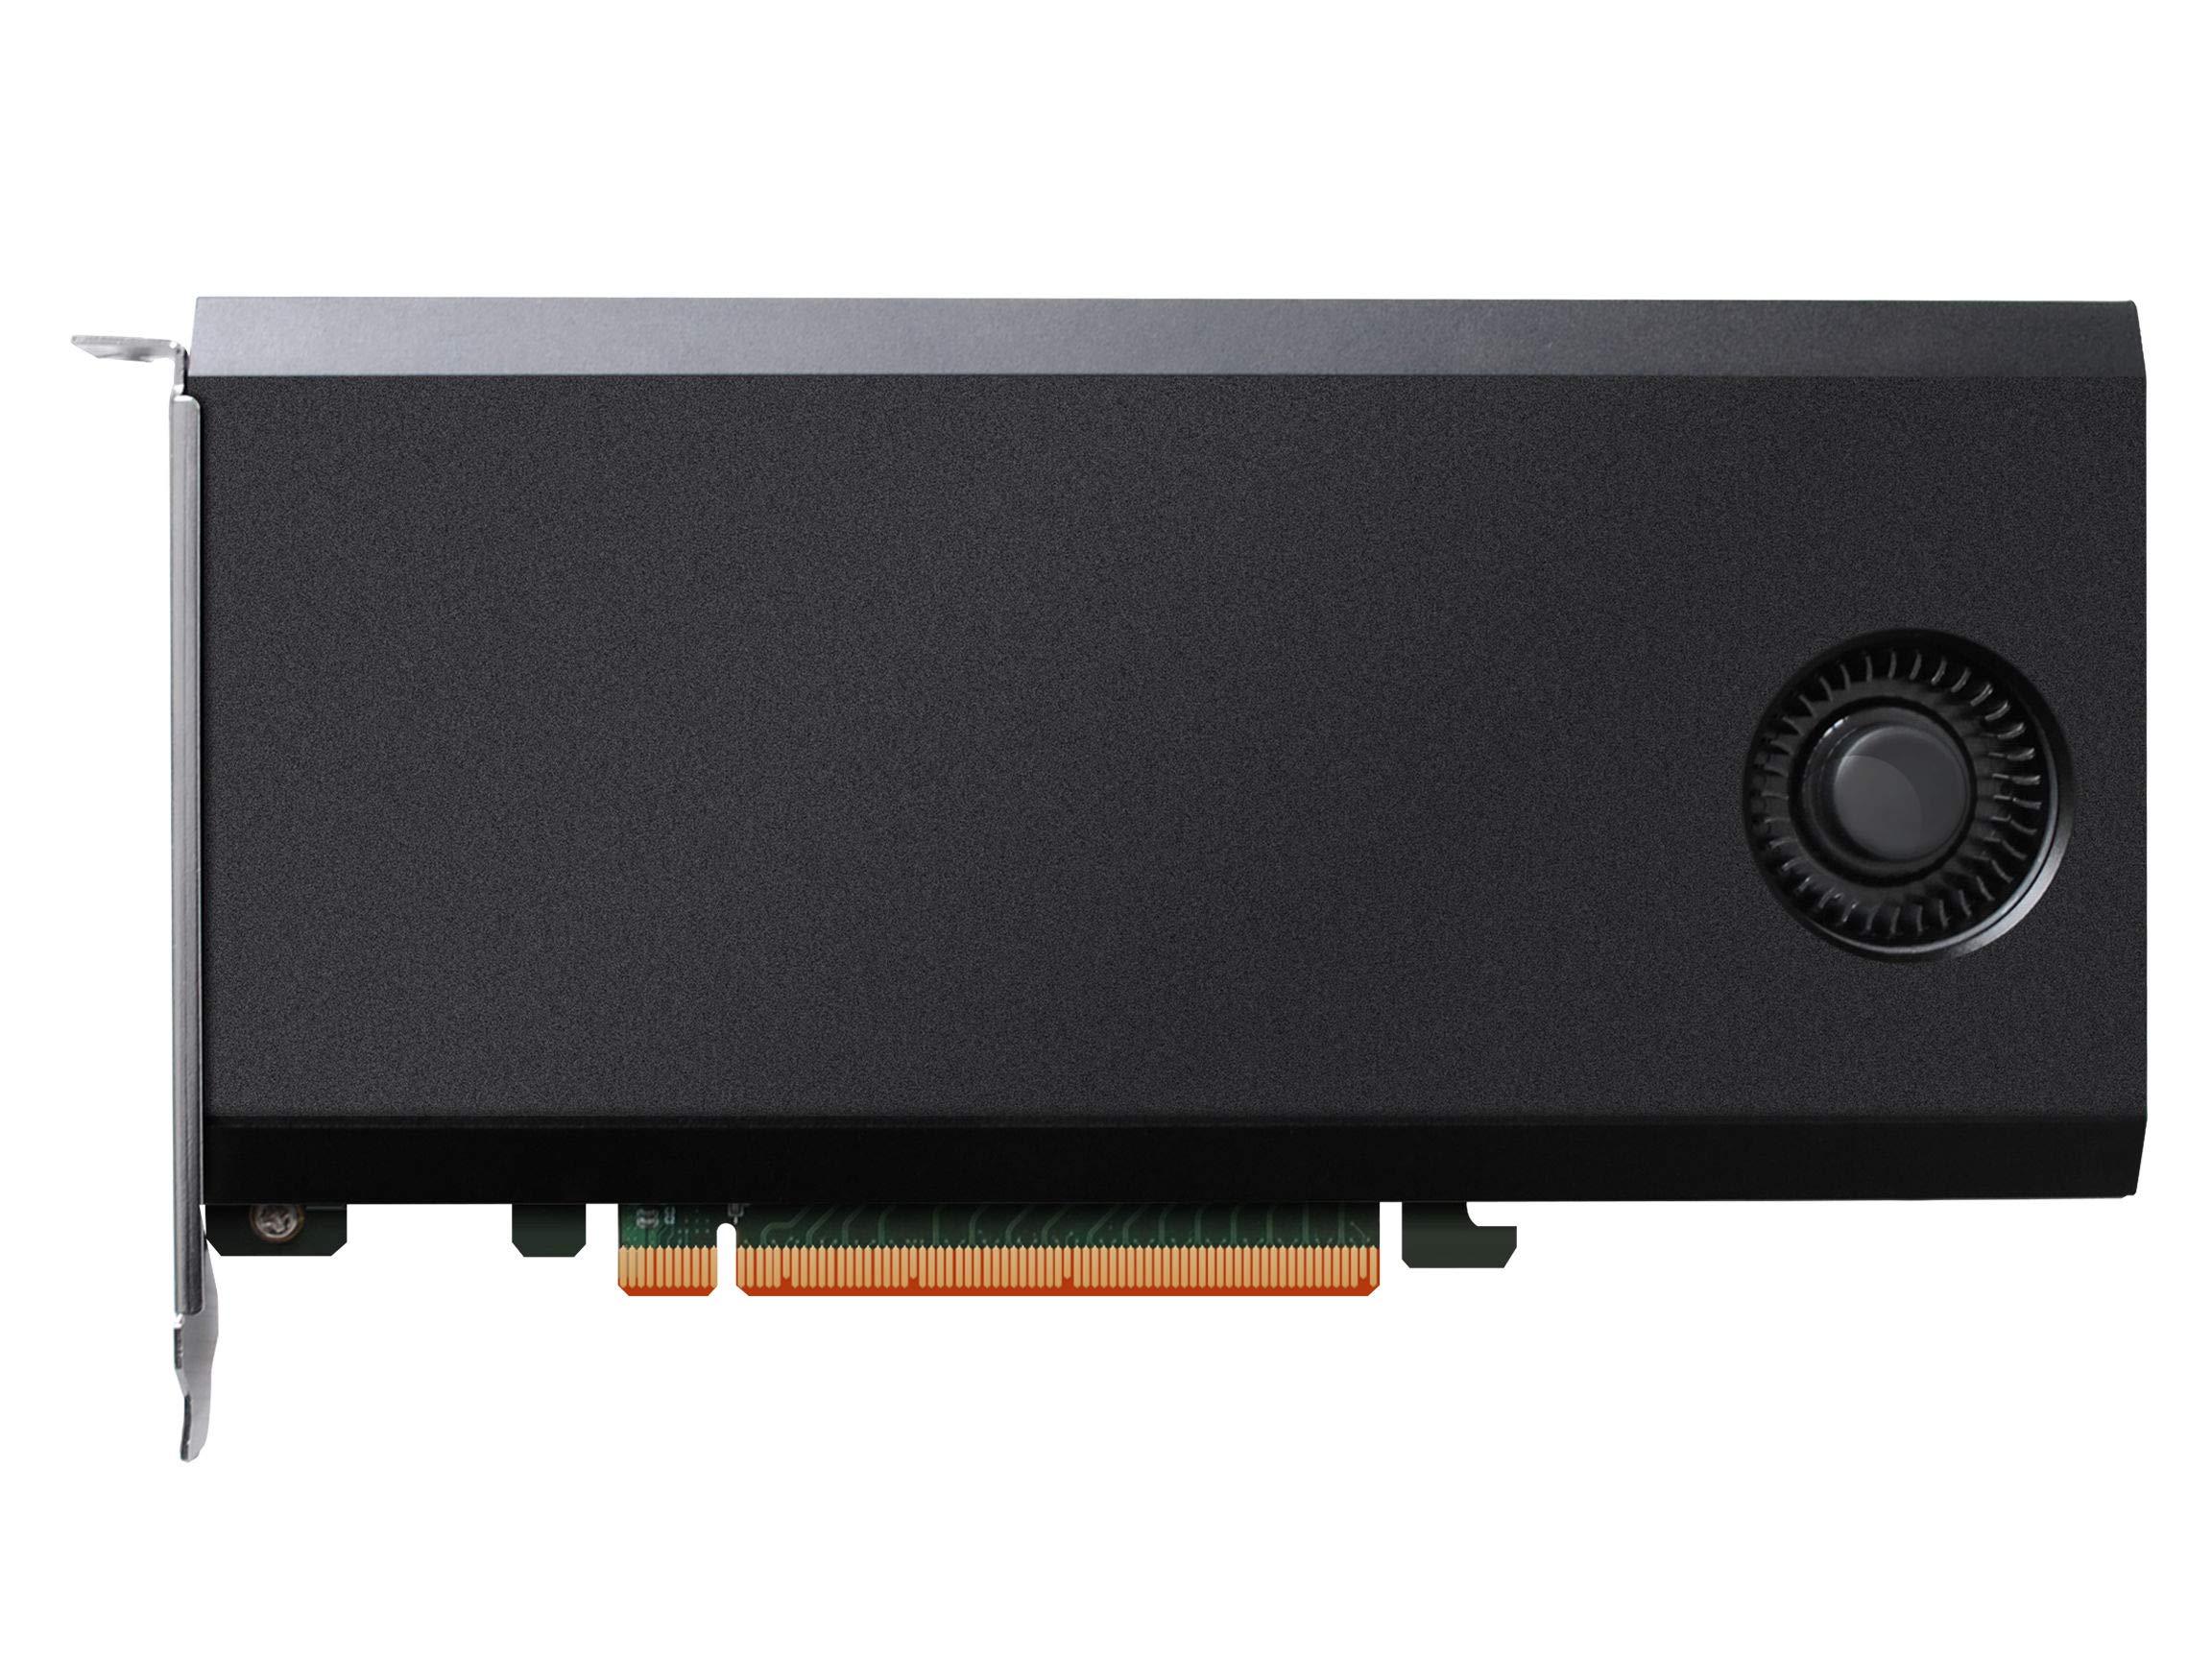 High Point SSD7102 Bootable 4X M.2 NVMe RAID Controller